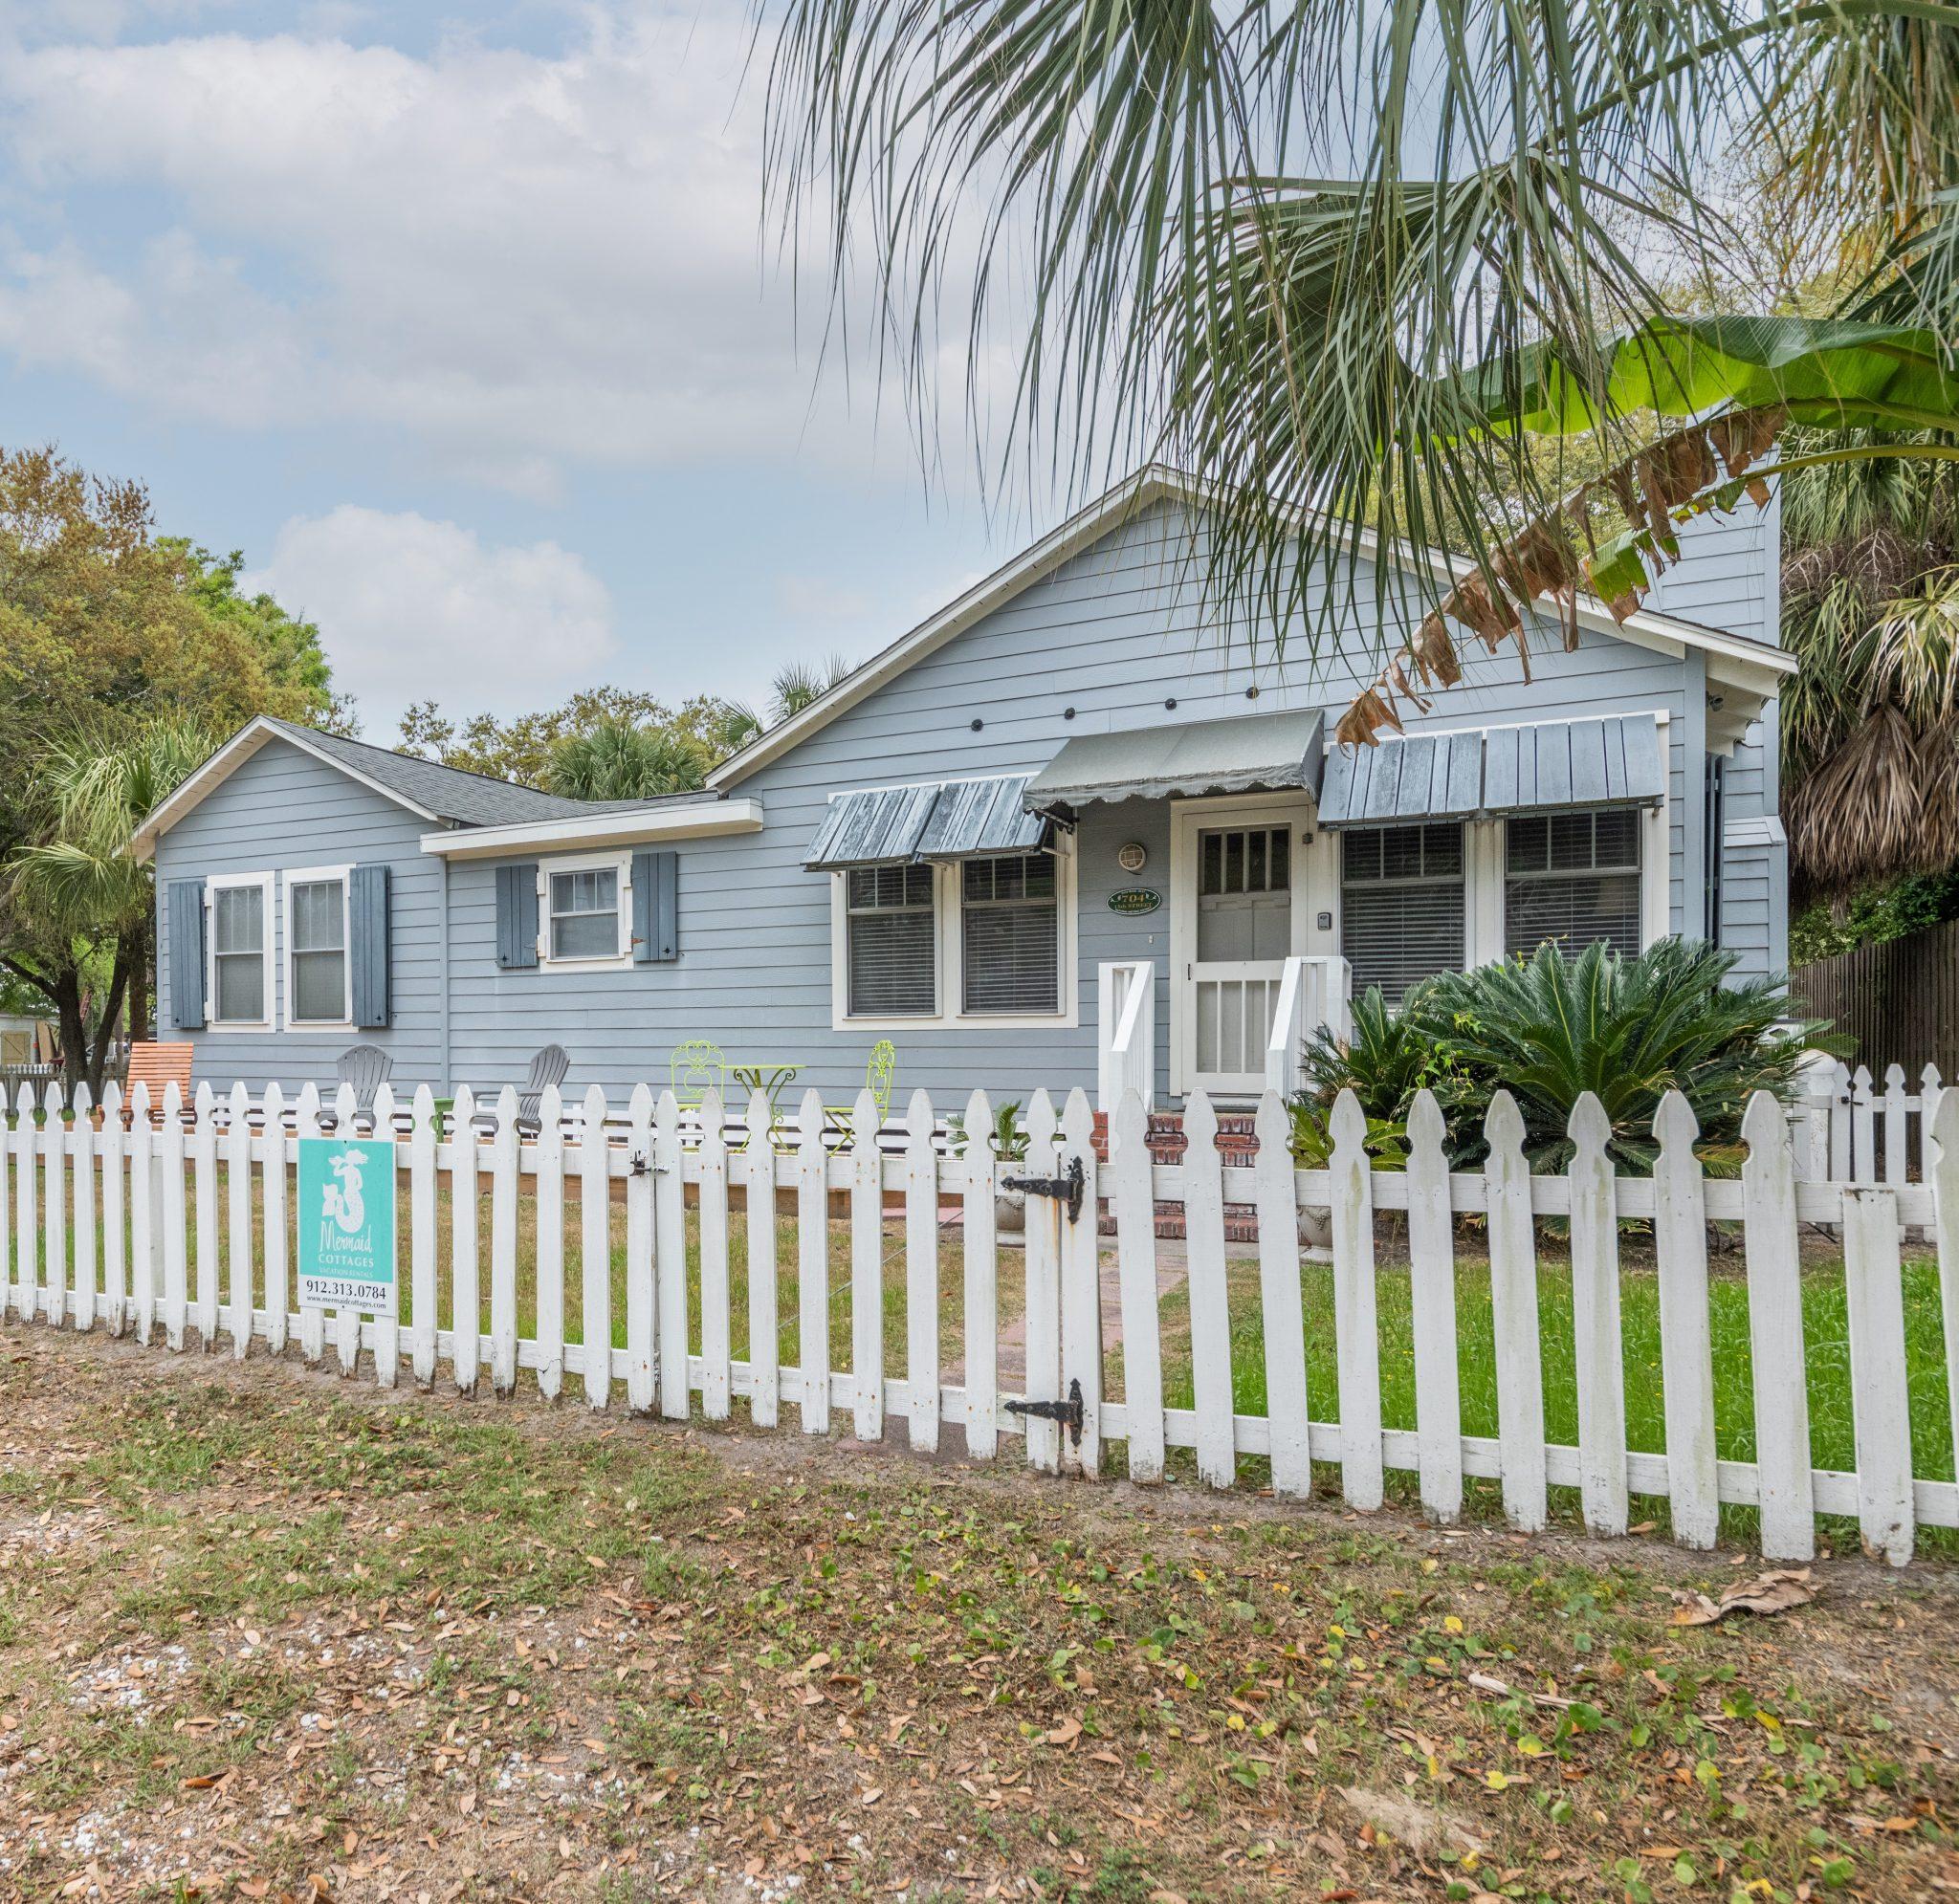 blue heron cottage is on a corner lot